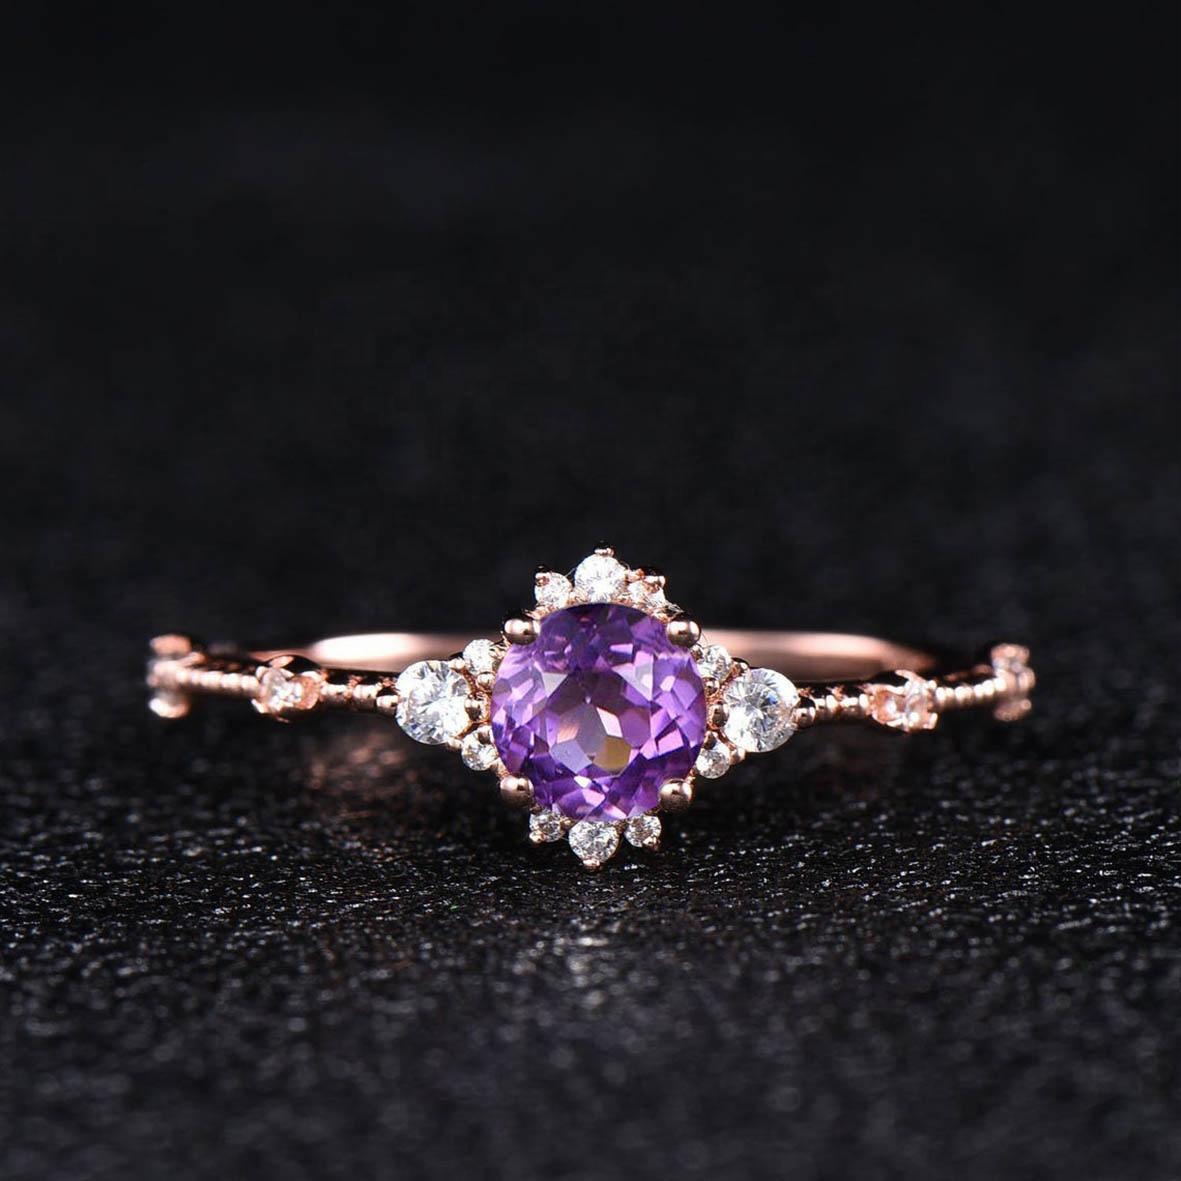 amethyst ring 2 1